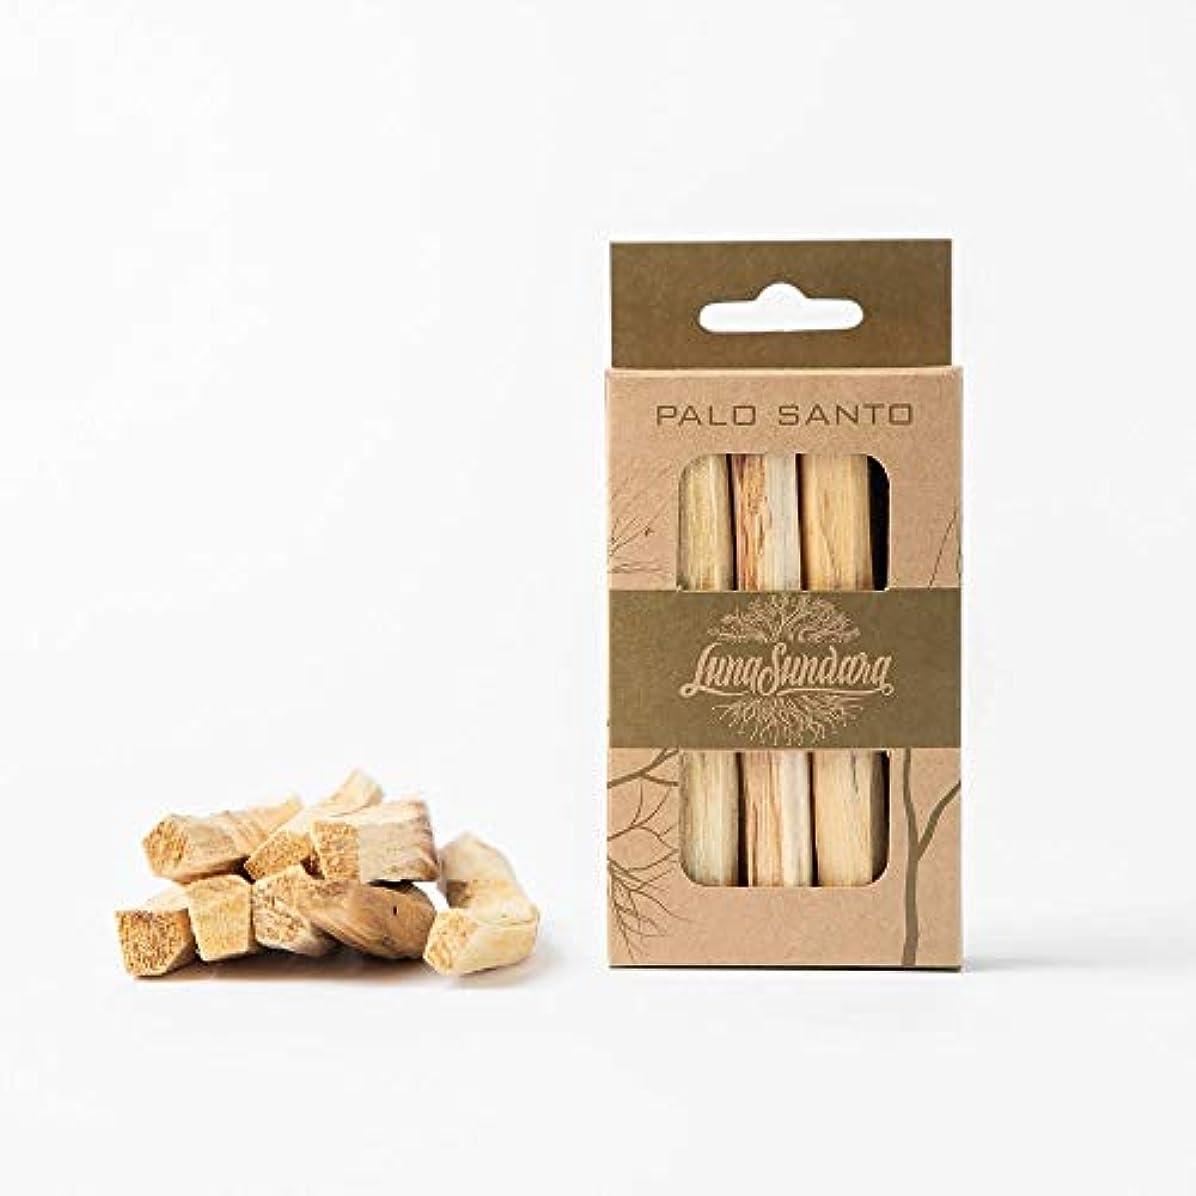 行商人細断コミュニティルナスンダラ (Luna Sundara) Palo Santo Smudging Sticks パロサント スマッジングスティック香木[8本入りBOX]